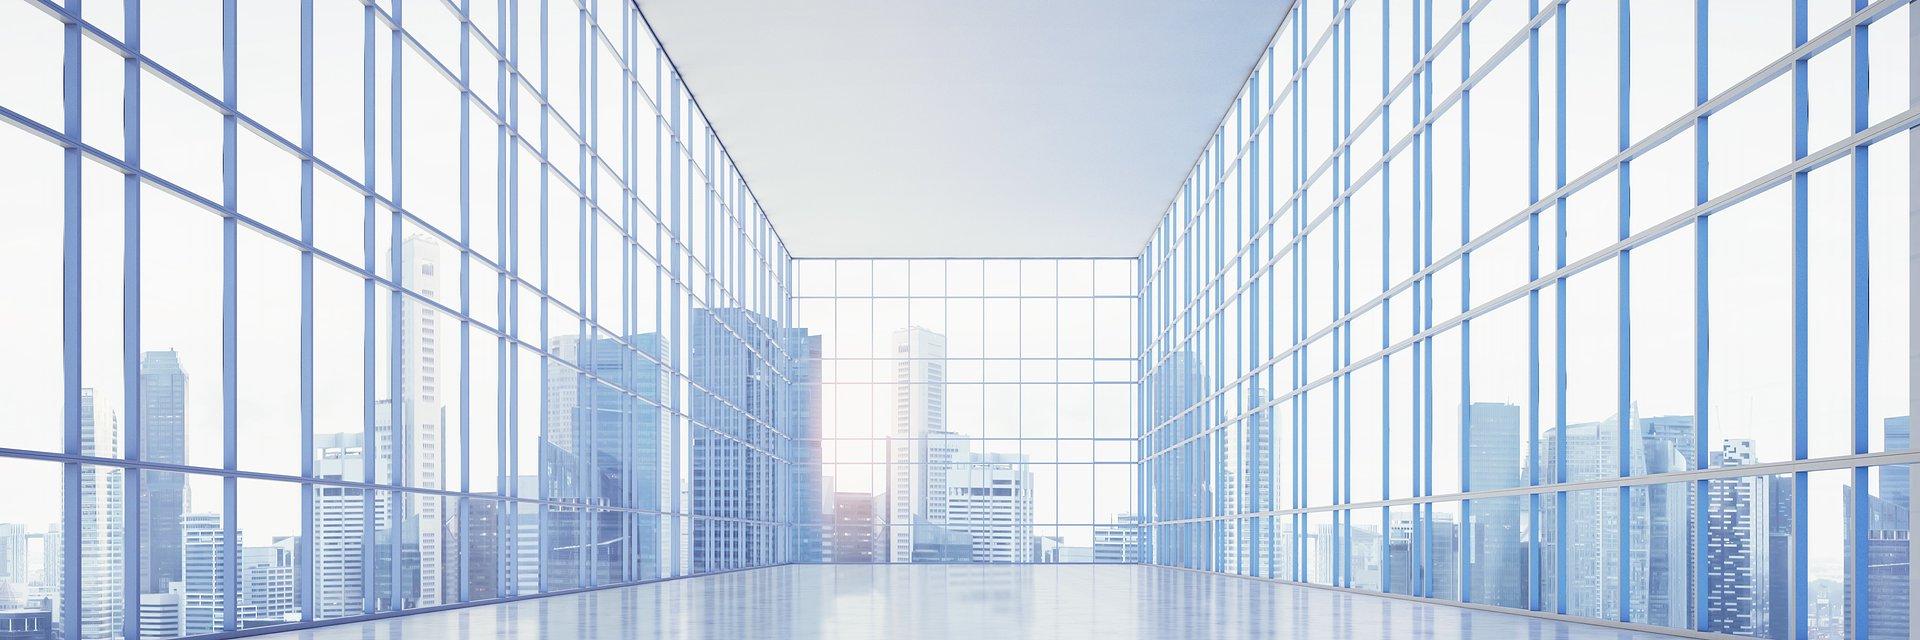 Popyt na biura w regionach wyższy niż w stolicy. W pierwszej połowie roku wynajęto 264 tys. mkw.